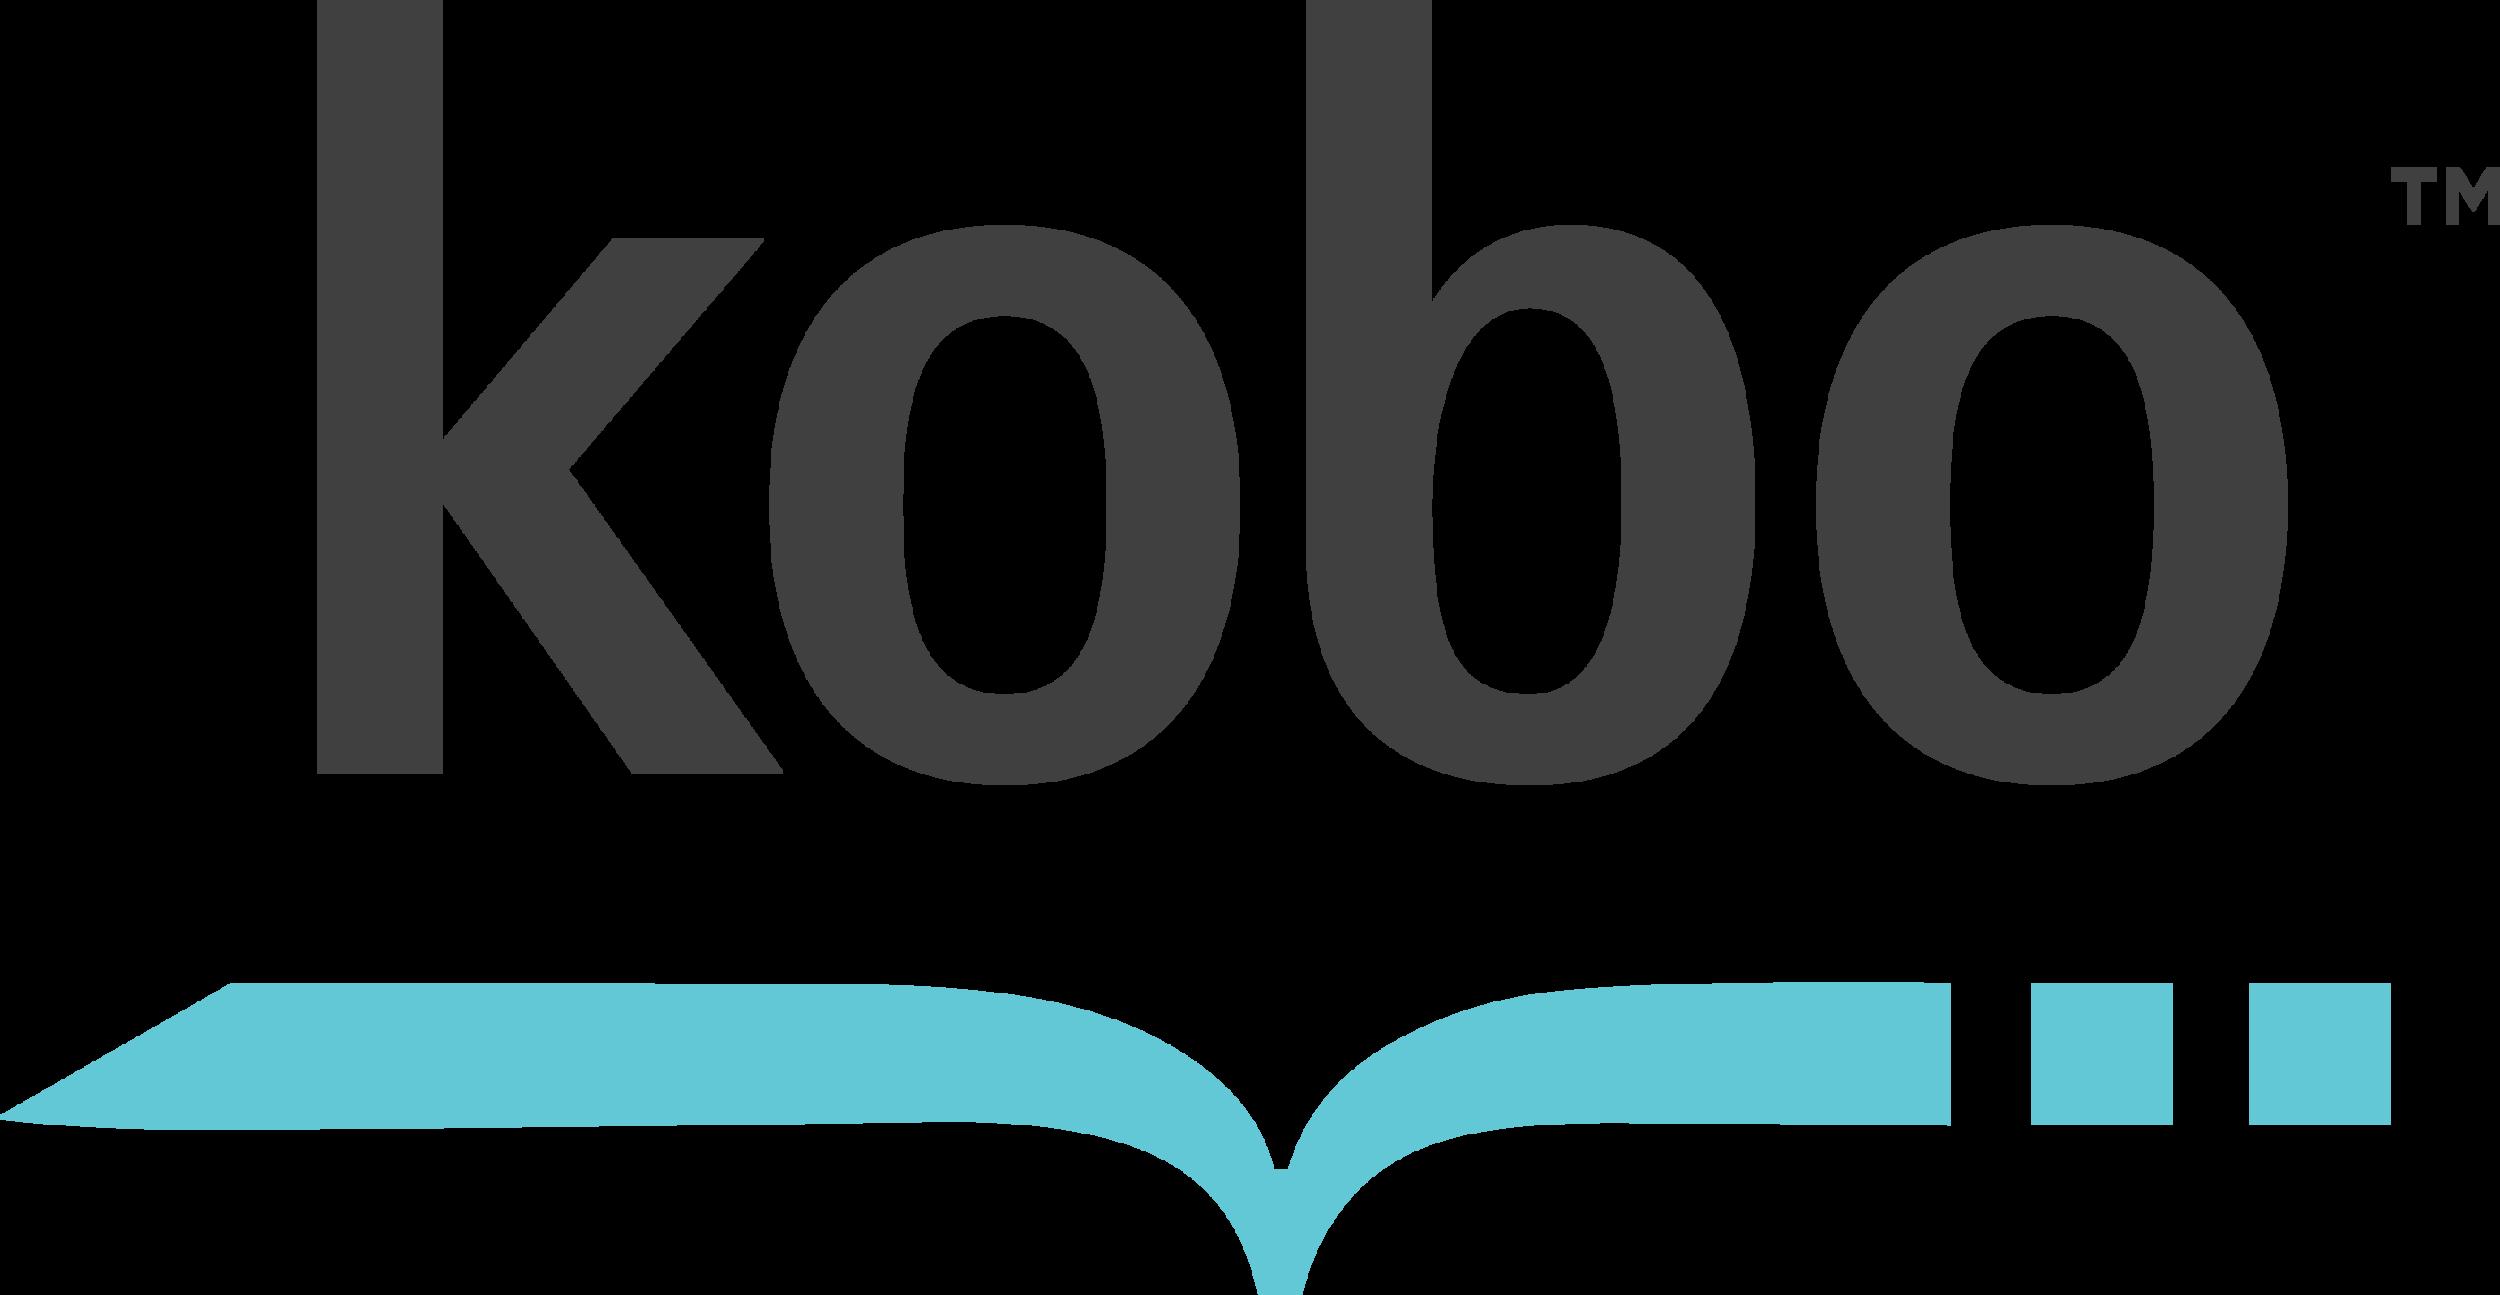 kobo-ODUwMg.png